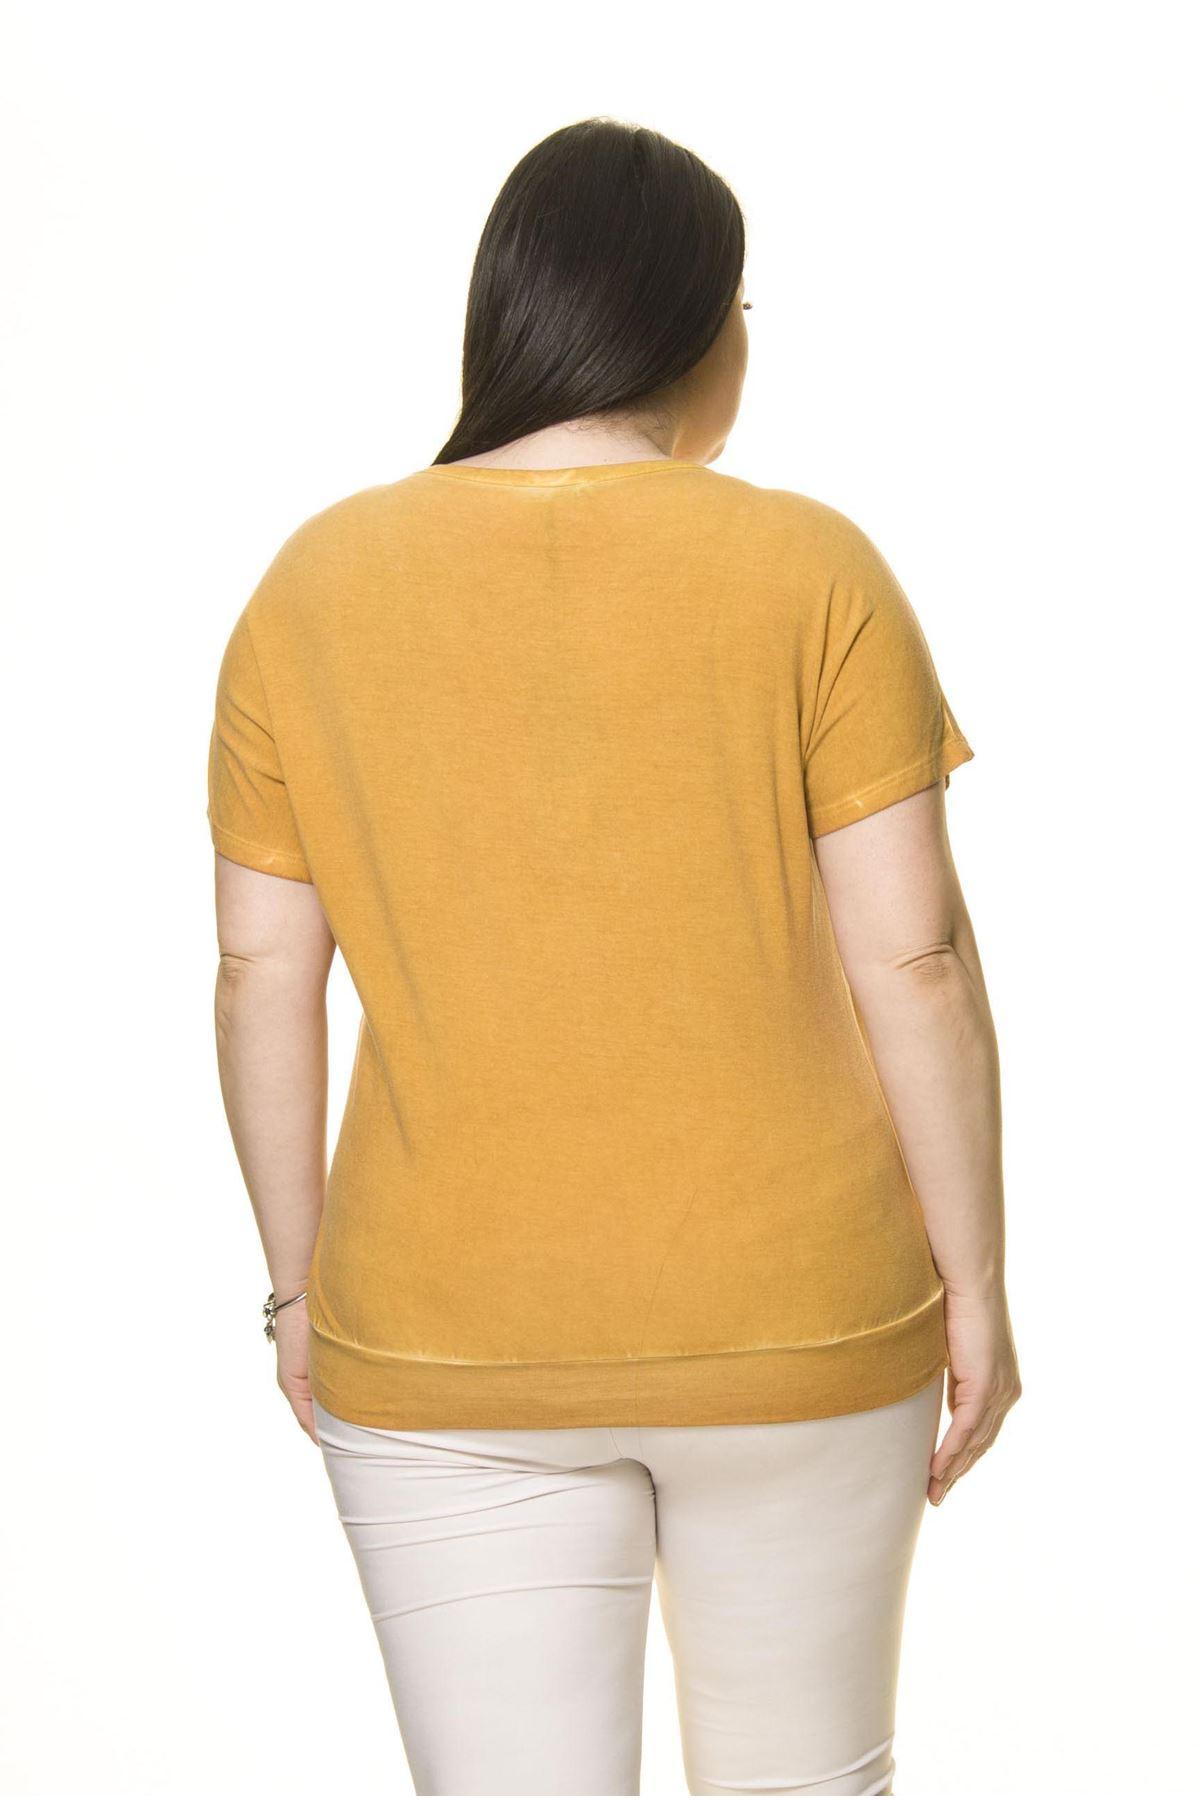 Kadın Büyük Beden Hardal Sarı Zımbalı  Bluz A7-3023-1